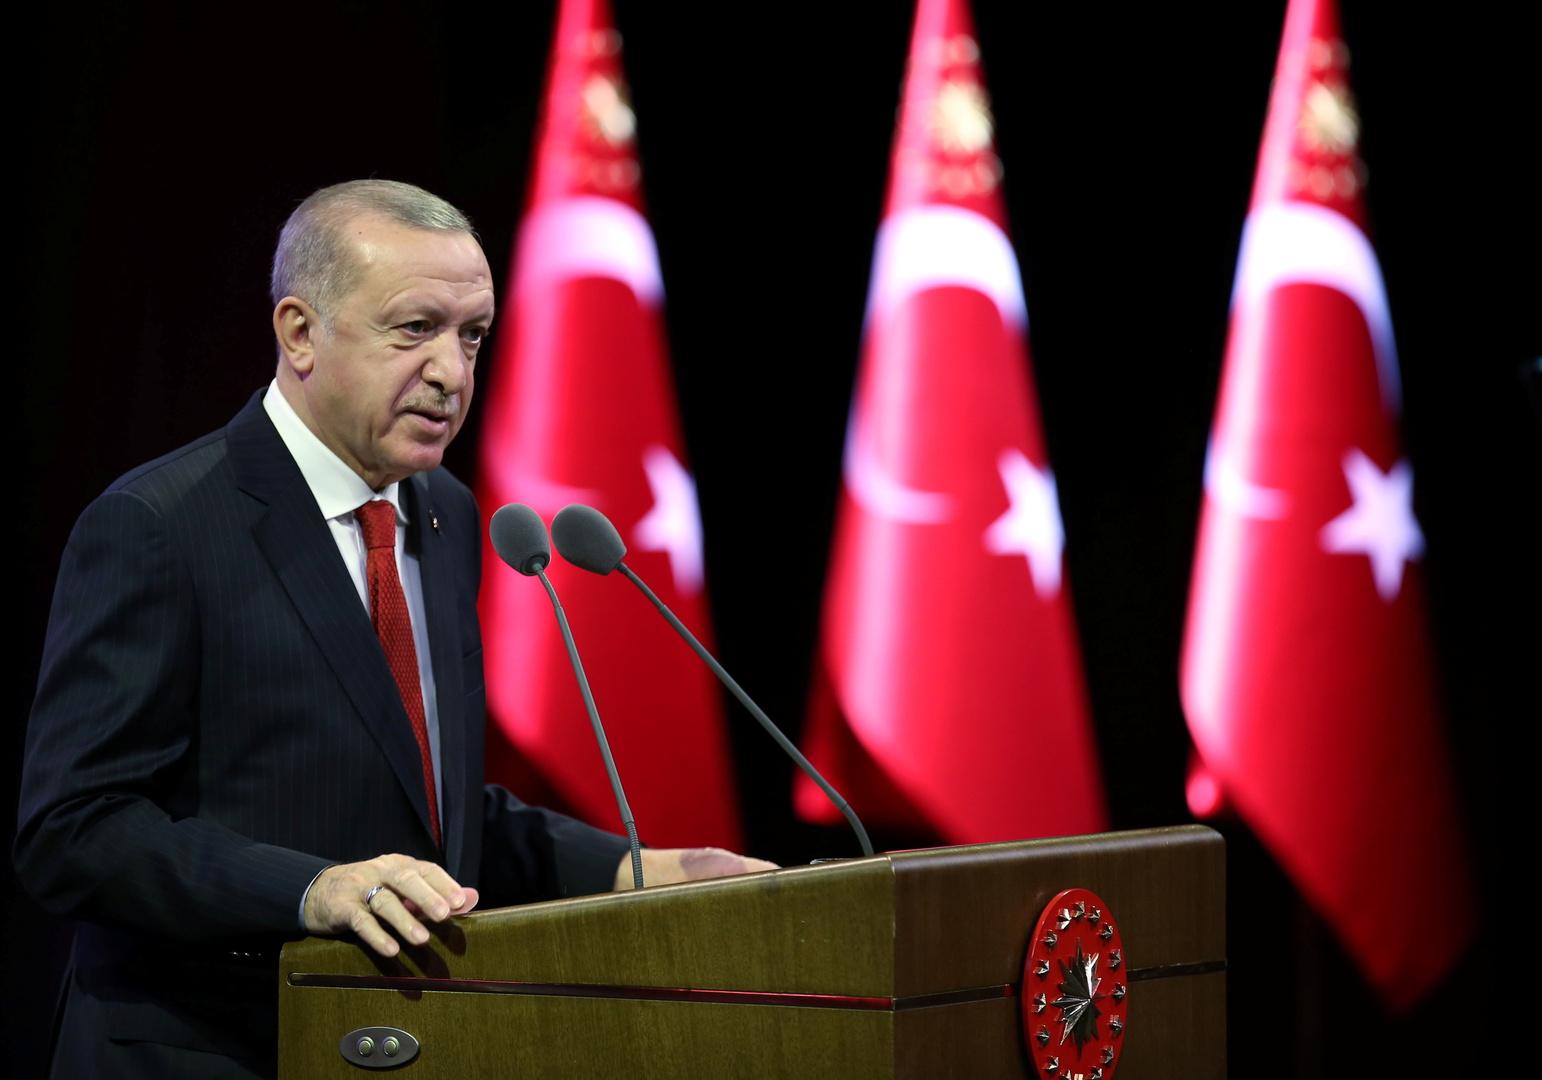 أردوغان بمناسبة ذكرى الهولوكوست: الوقت حان لنقول كفى للإسلاموفوبيا